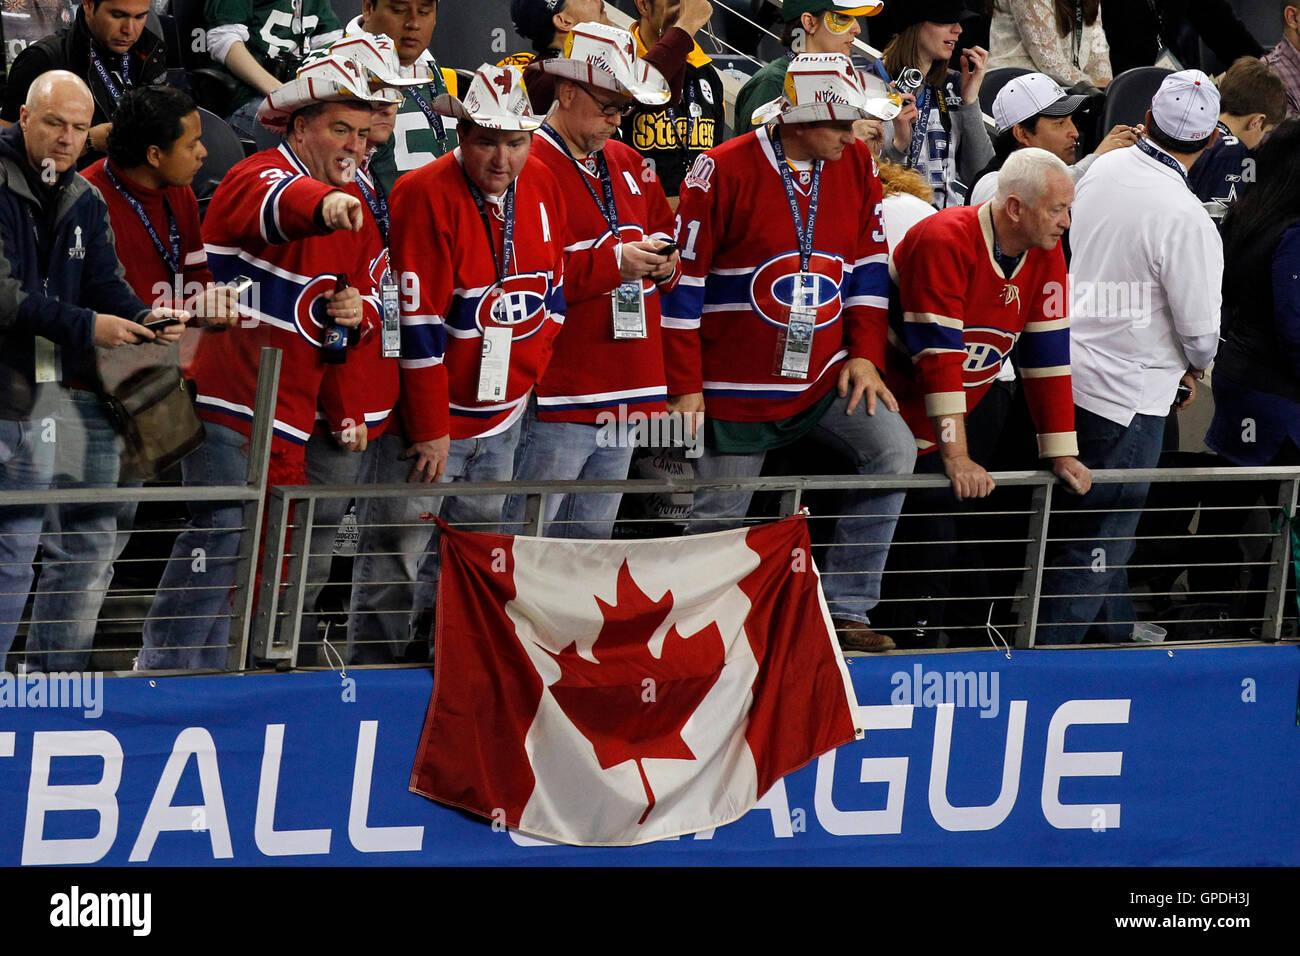 los angeles cea2d 8afec Feb 6, 2011; Arlington, TX, USA; Montreal Canadiens fans in ...